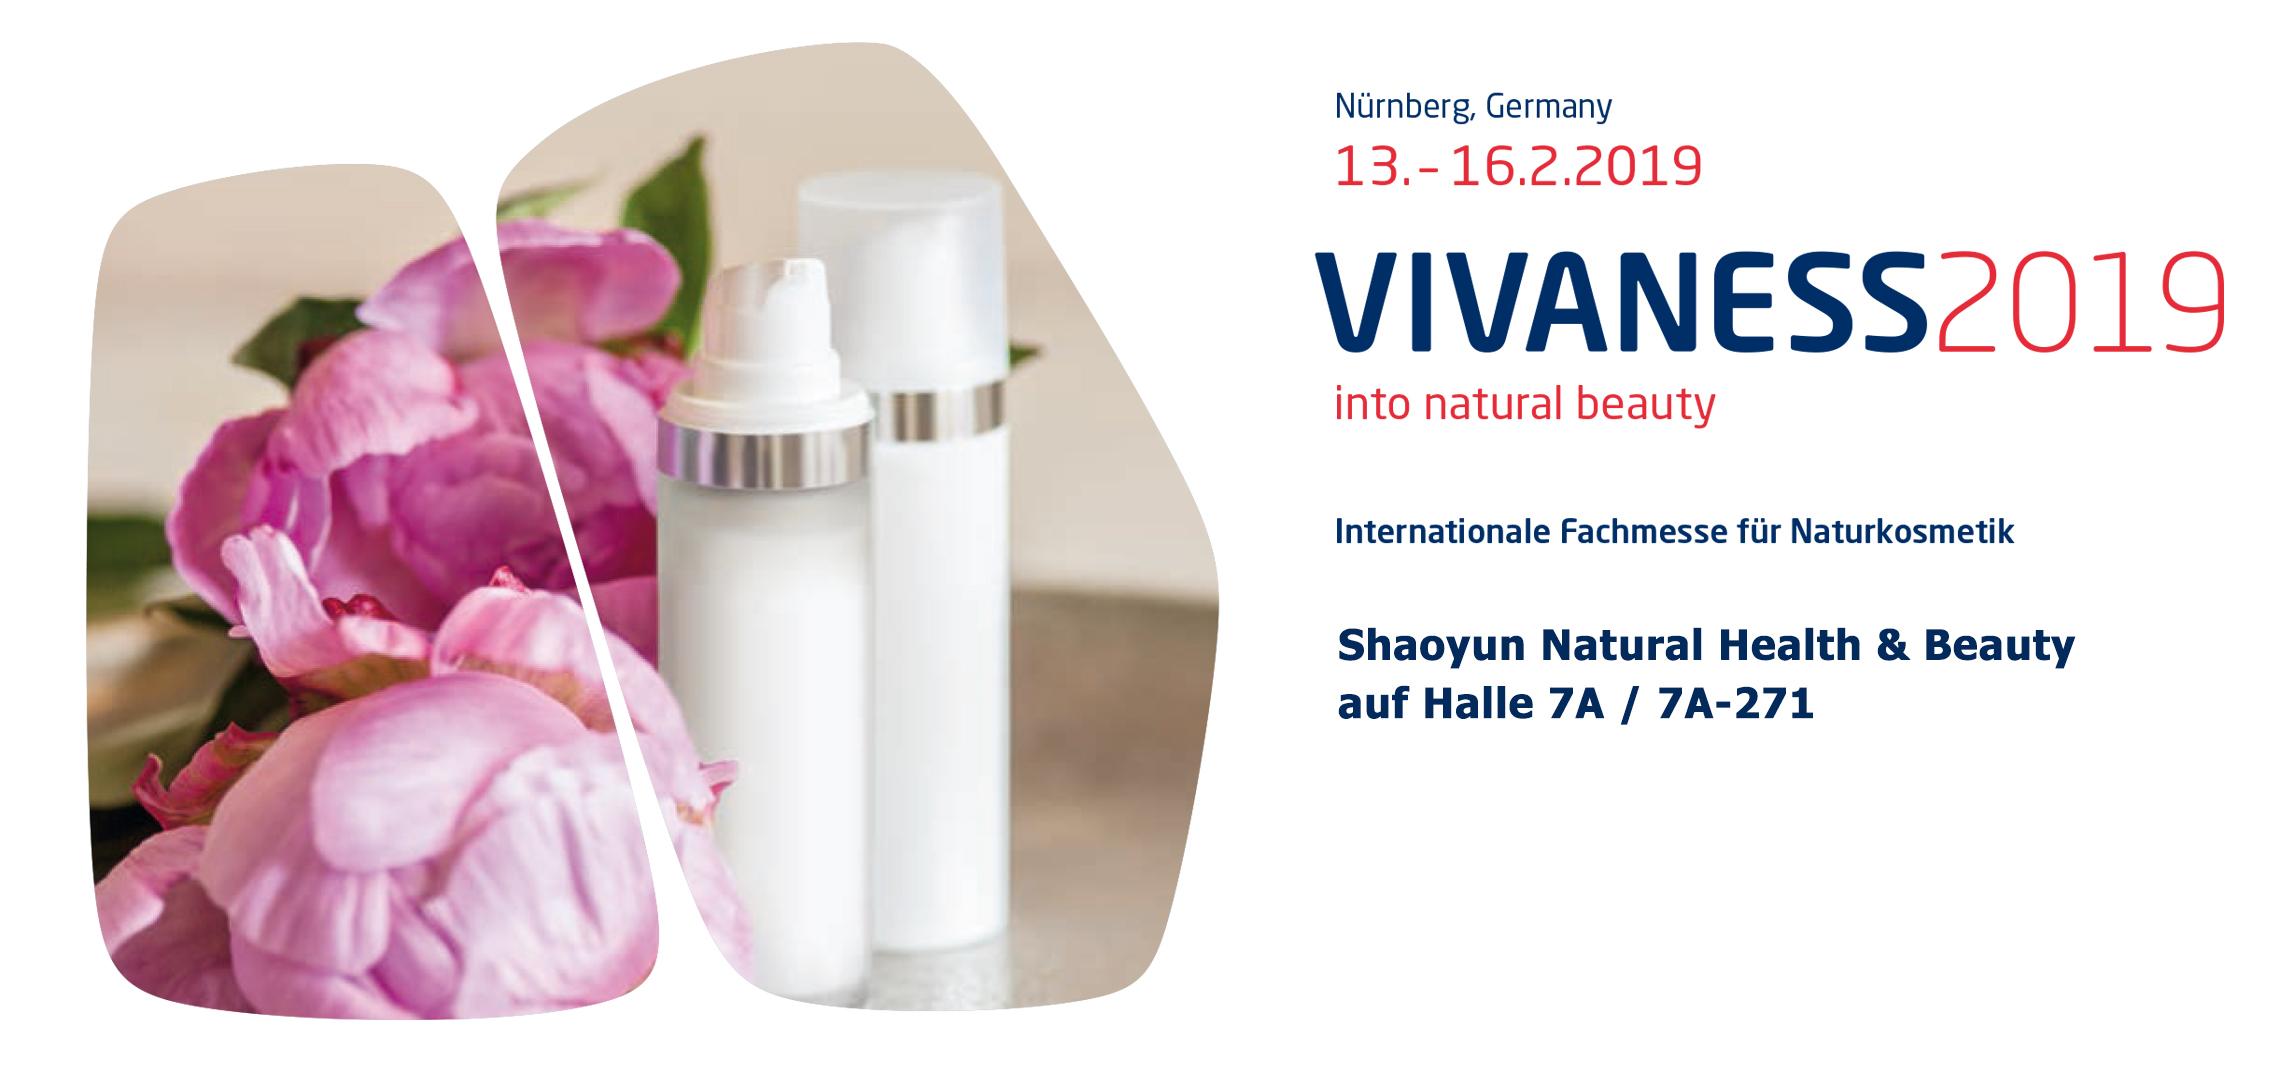 Vivaness Fachmesse für frische naturkosmetik